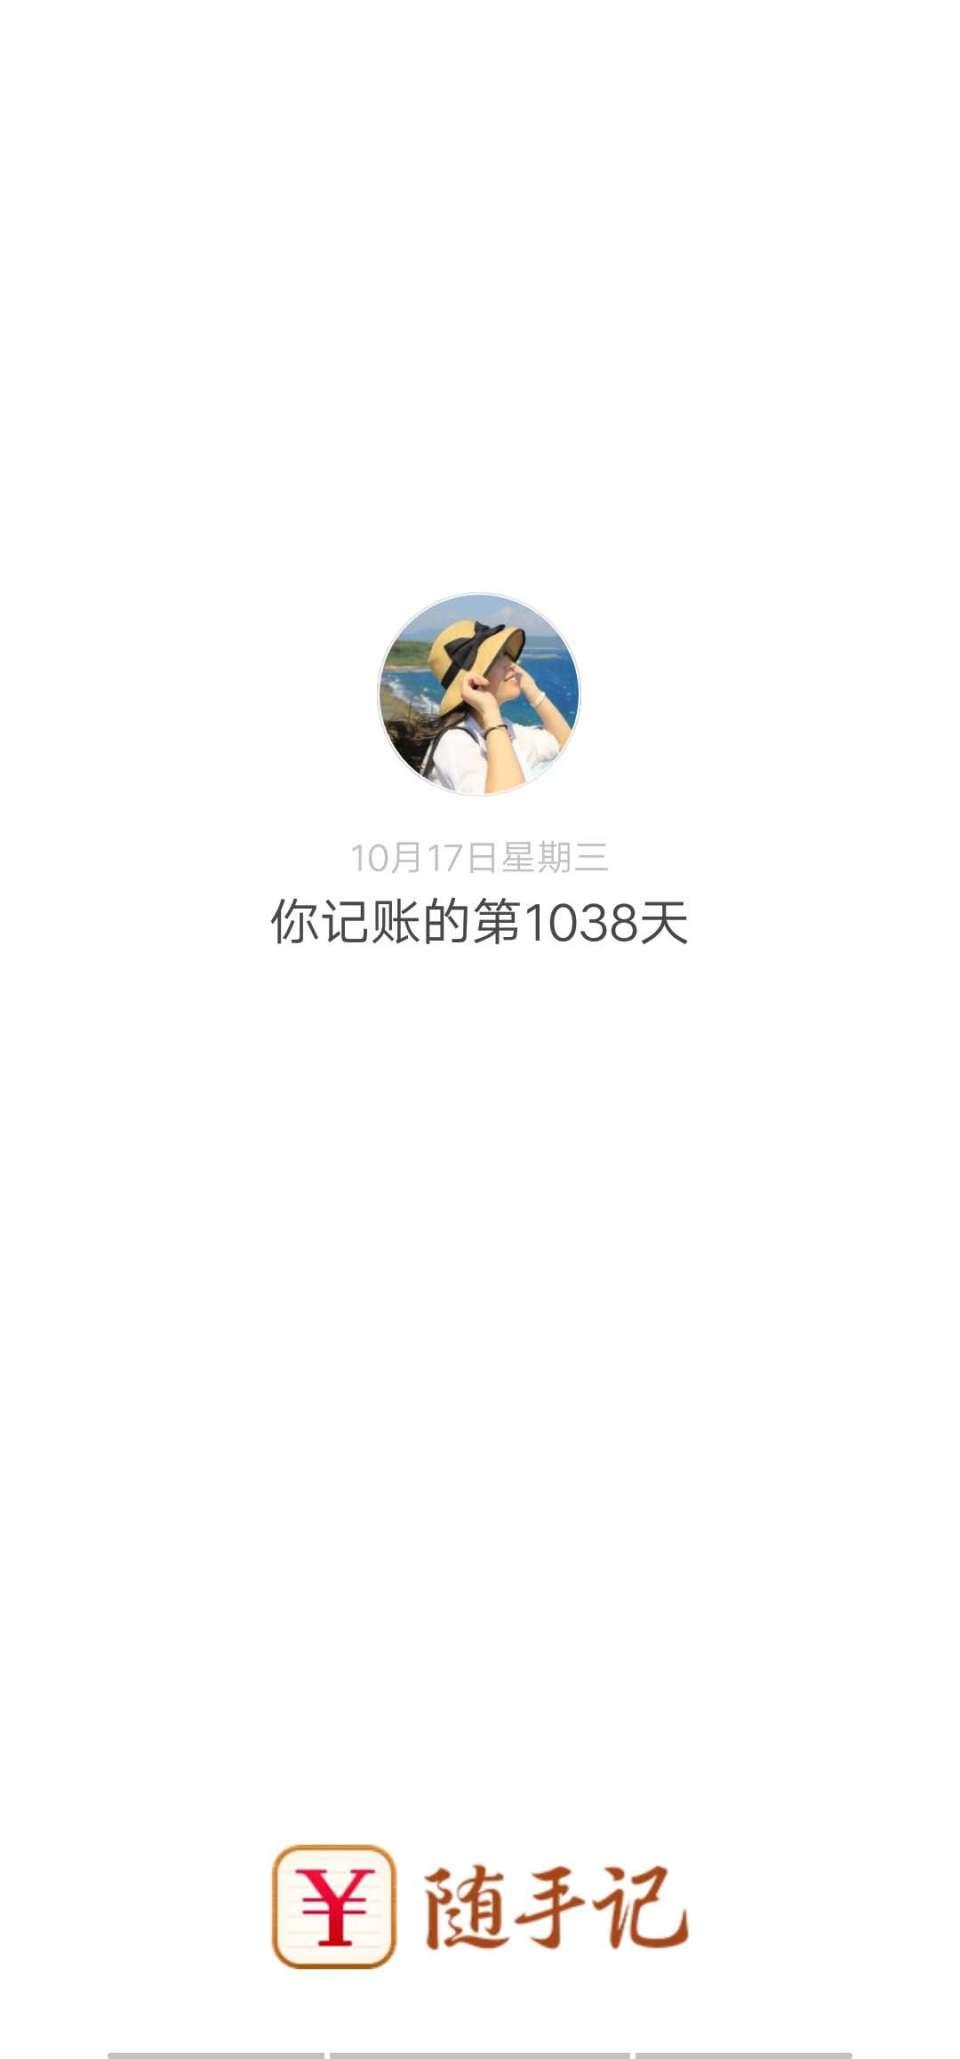 微信图片_20181017143259.jpg